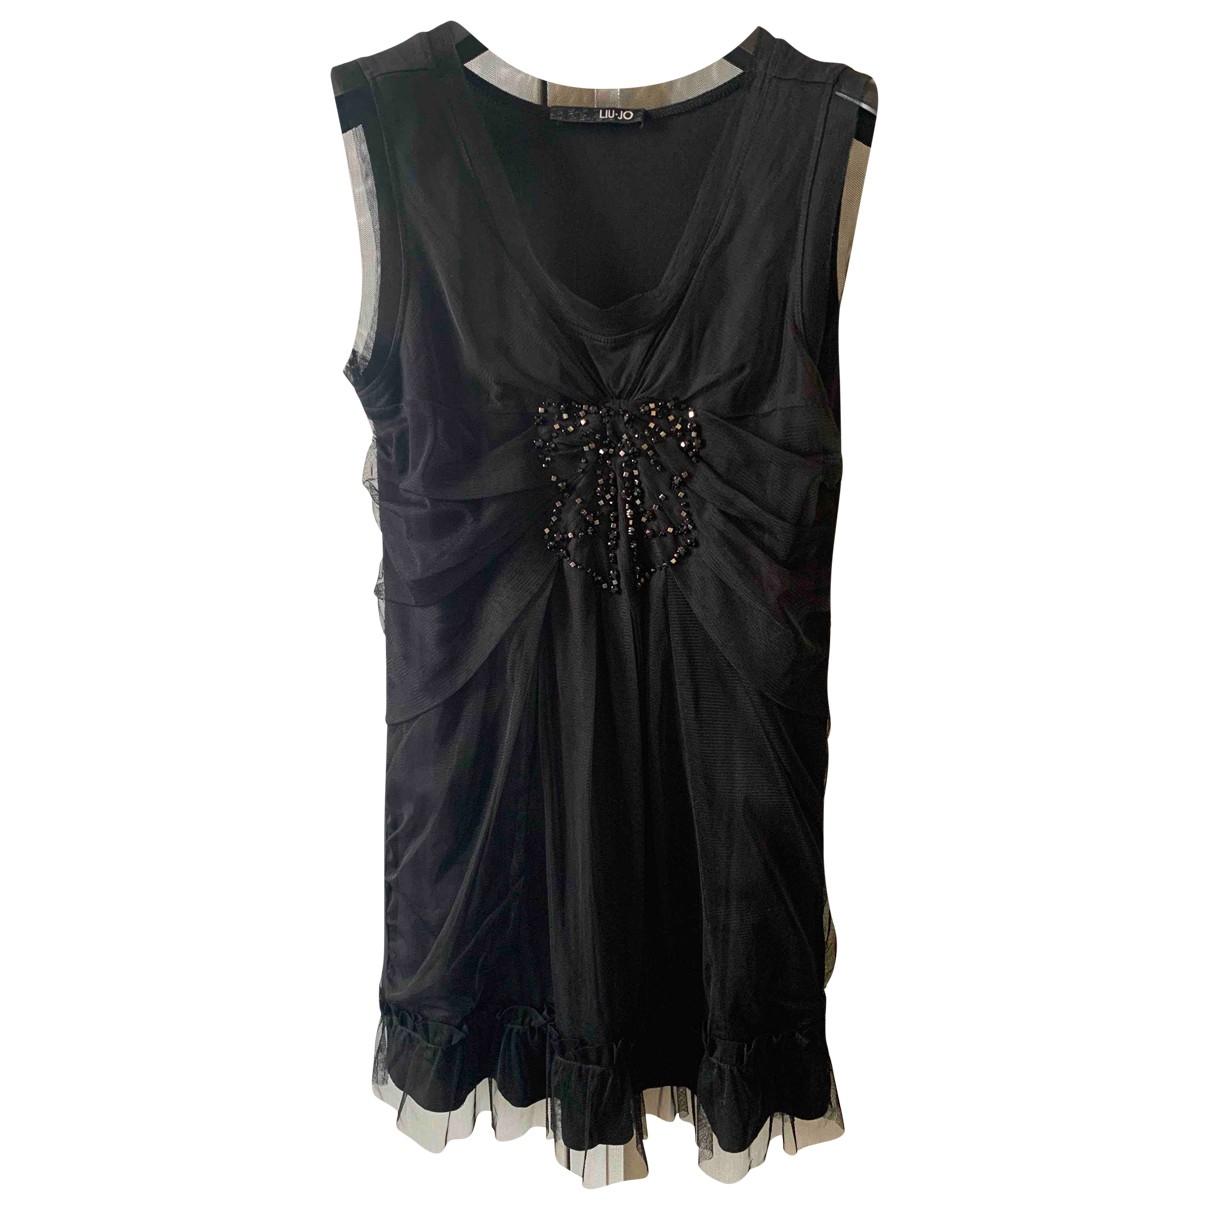 Liu.jo \N Kleid in  Schwarz Baumwolle - Elasthan